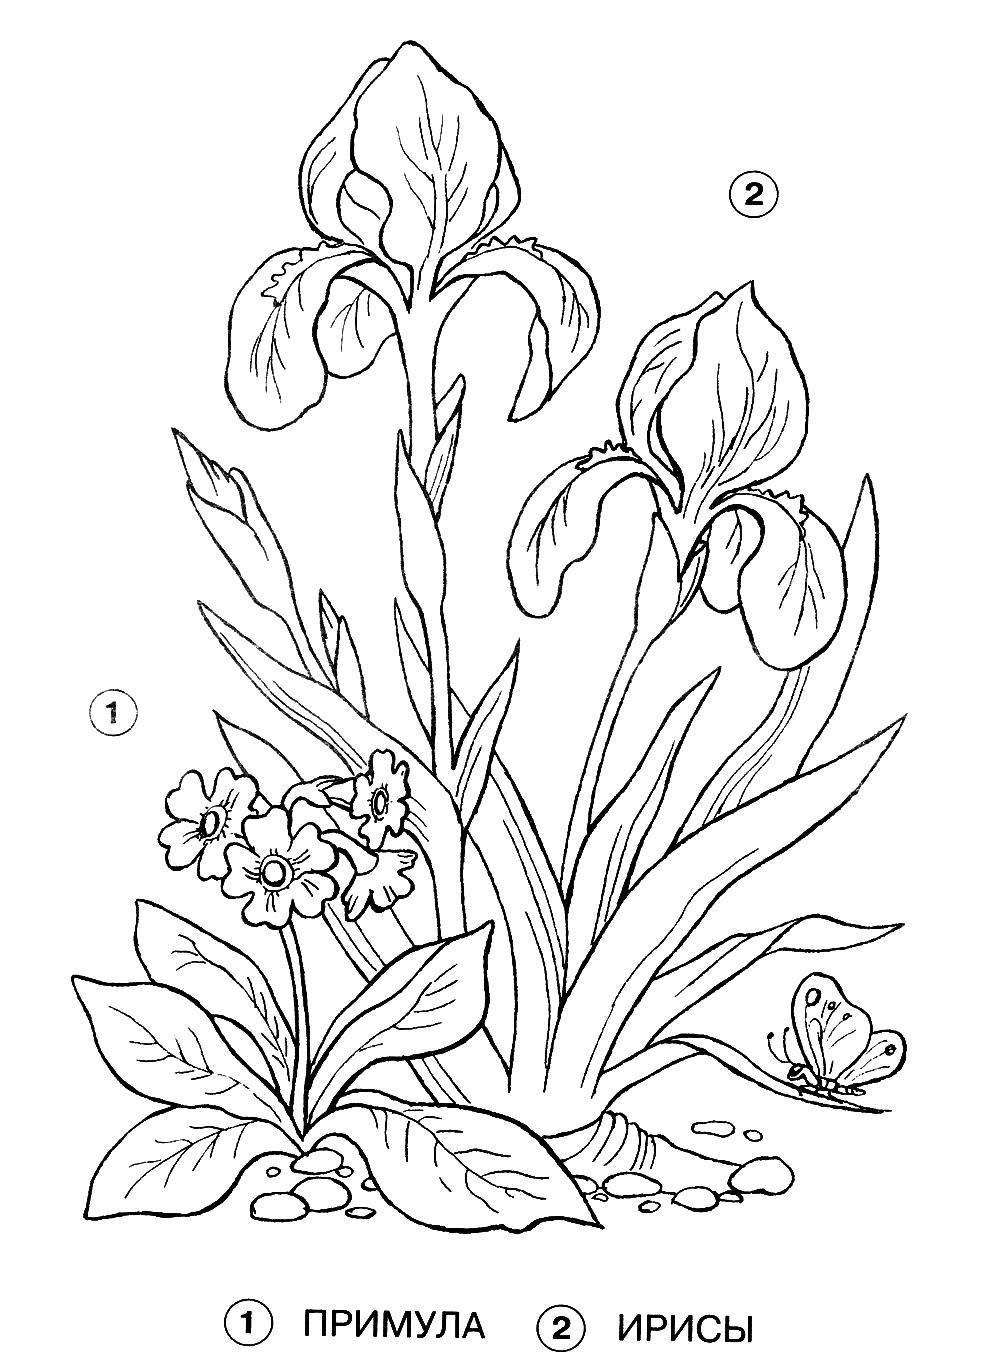 Полевые цветы Полевые цветы примула и ирисы Лучшие раскраски с цветамираскраски цветы